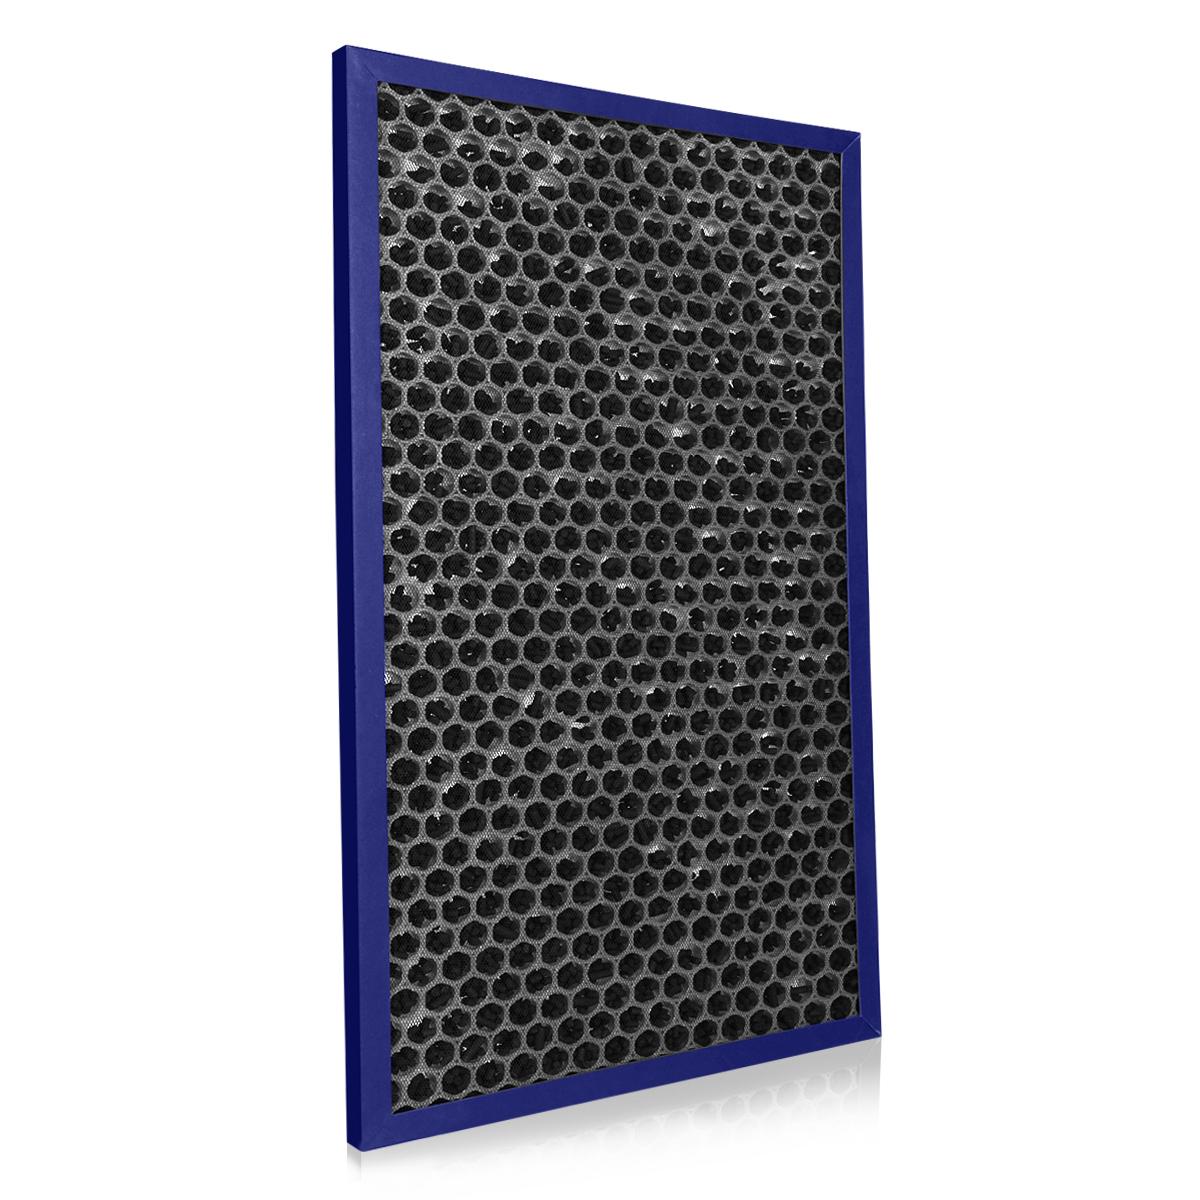 シャープ加湿空気清浄機用交換用フィルター 脱臭フィルター FZ-F50DF 互換品 爆安プライス KTJBESTF 空気清浄機交換用フィルター 至高 シャープ加湿空気清浄機用 fz-f50df 型番:FZ-F50DF 空気清浄機交換用部品 KC-F50対応